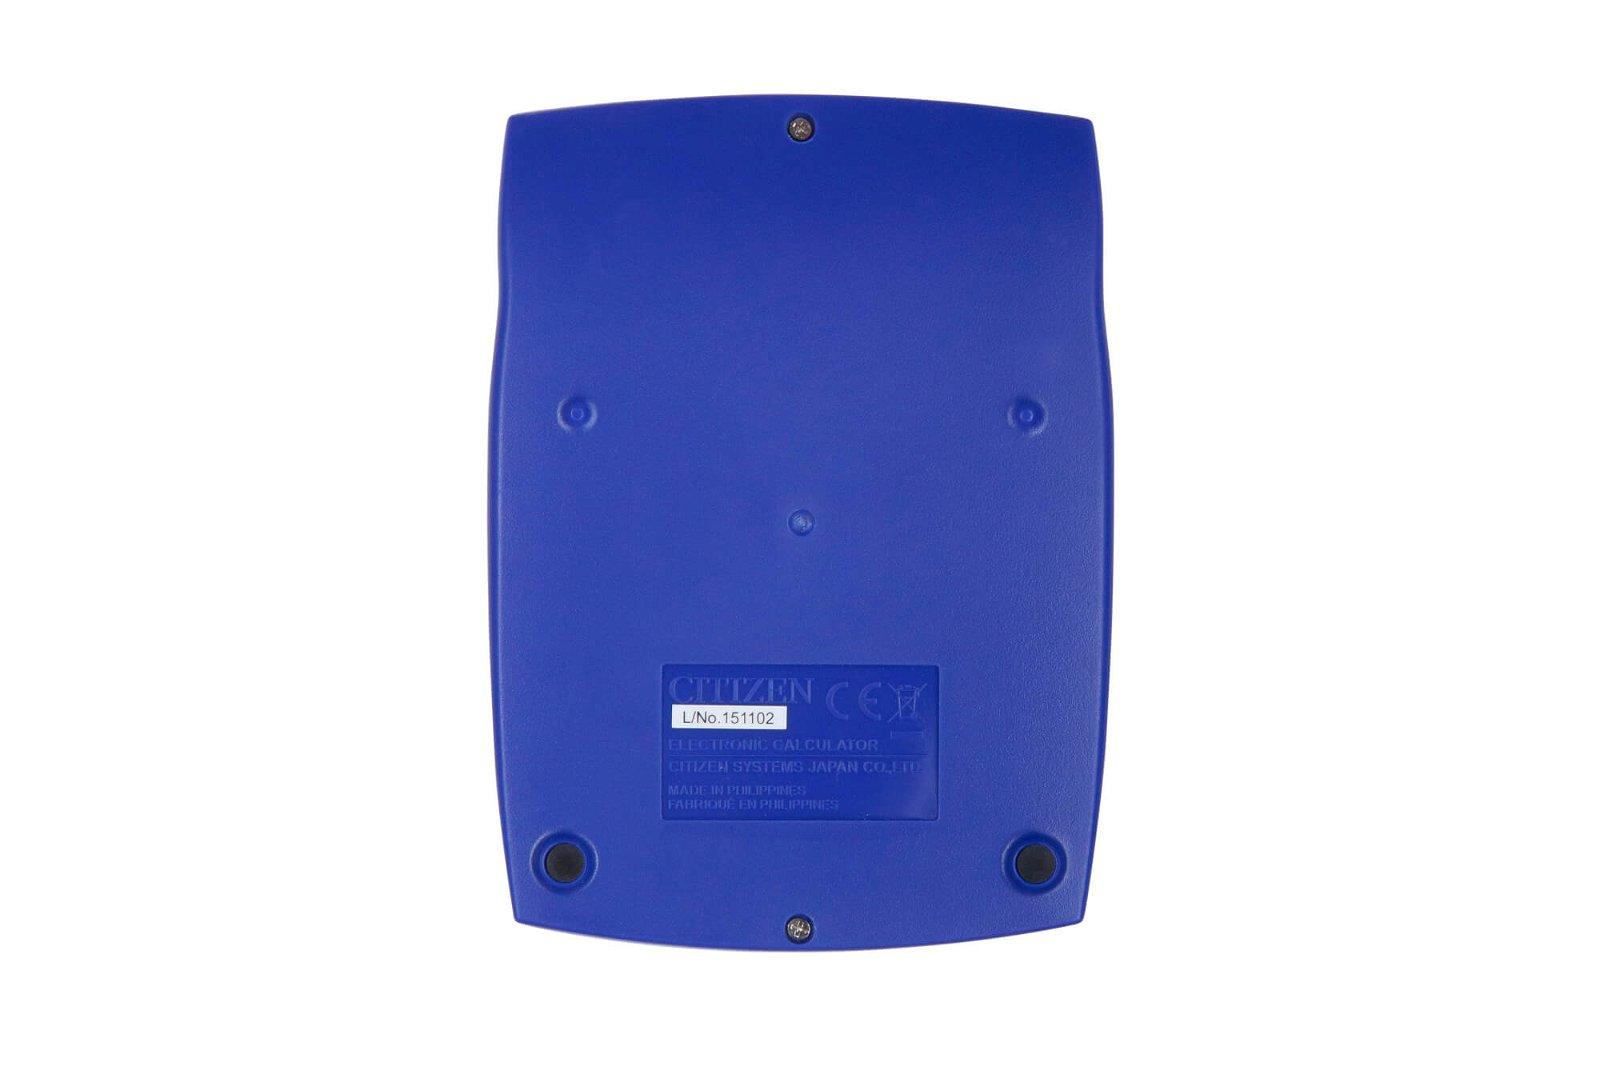 Tischrechner SDC 450NBLCFS semi, hellblau